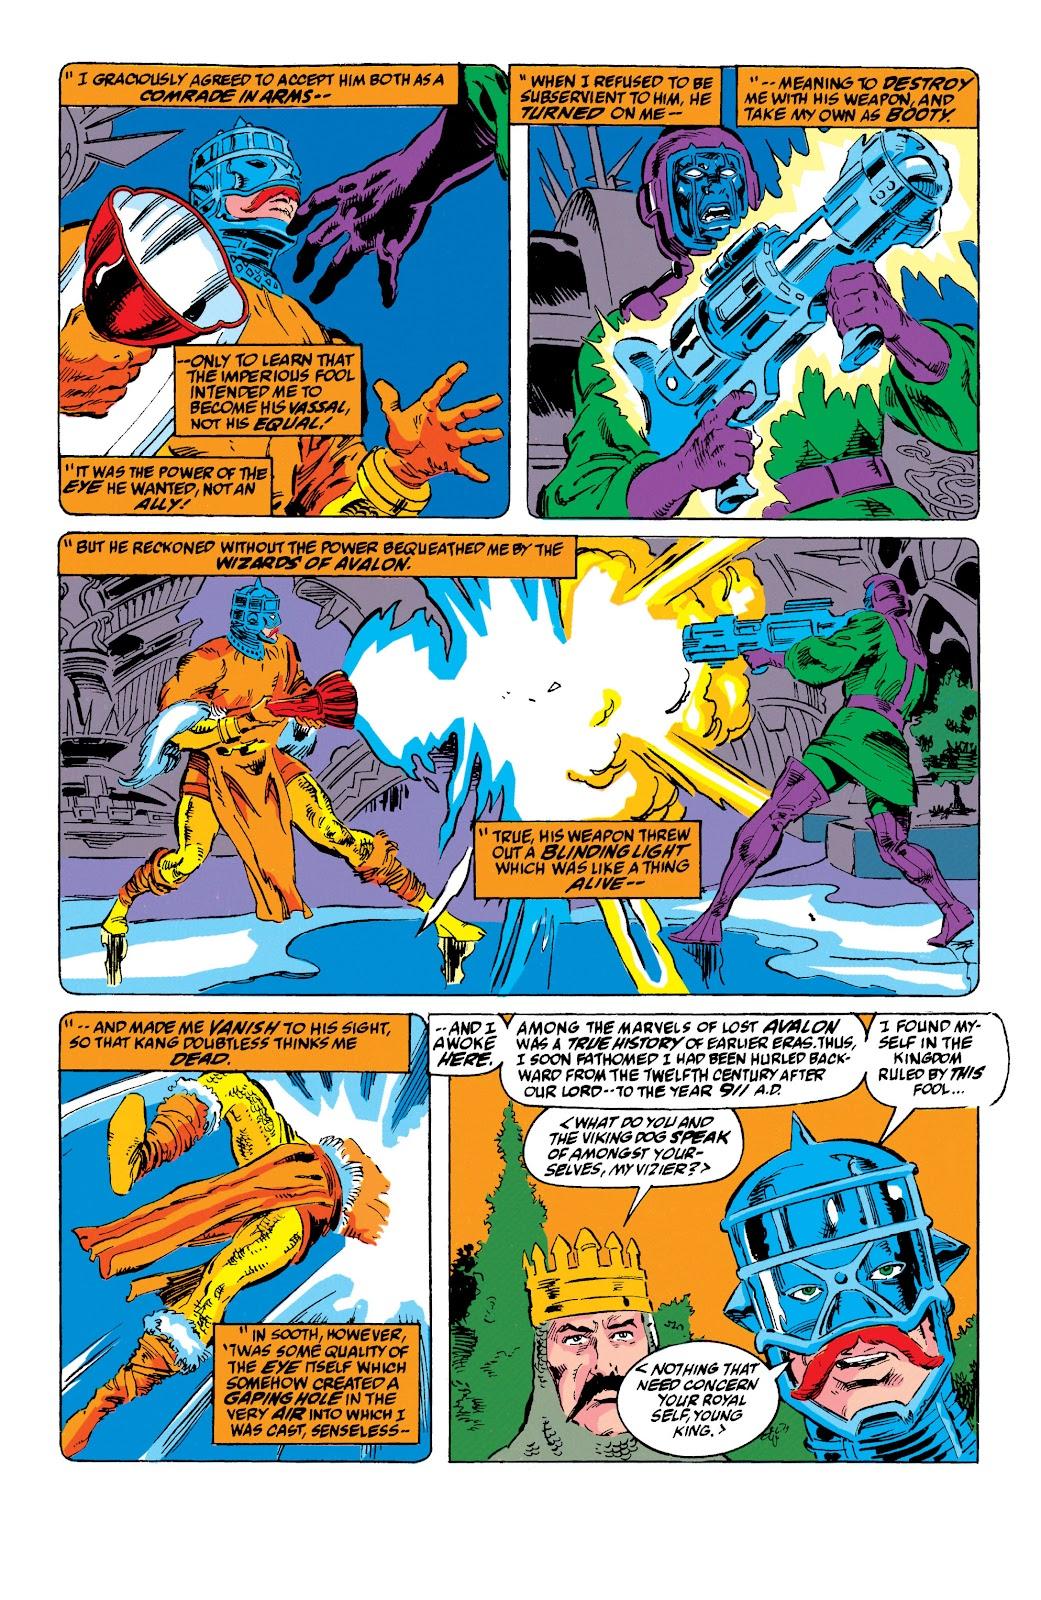 Read online Avengers: Citizen Kang comic -  Issue # TPB (Part 1) - 74